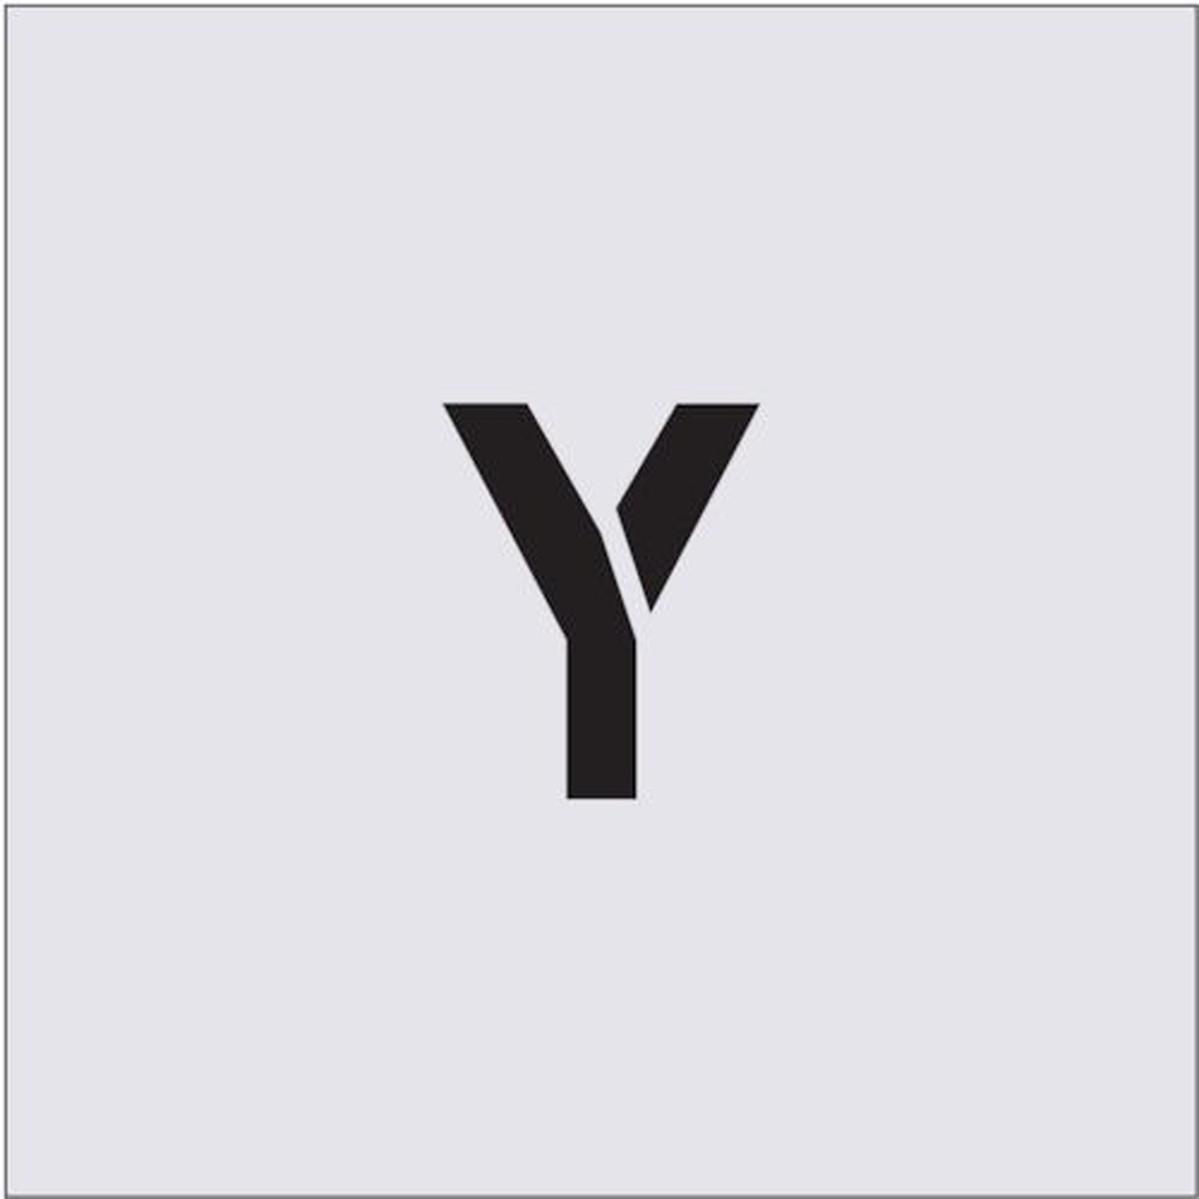 割引も実施中 あす楽対応 DIY用品 IM ステンシル Y 爆売り 文字サイズ50×40mm 1枚